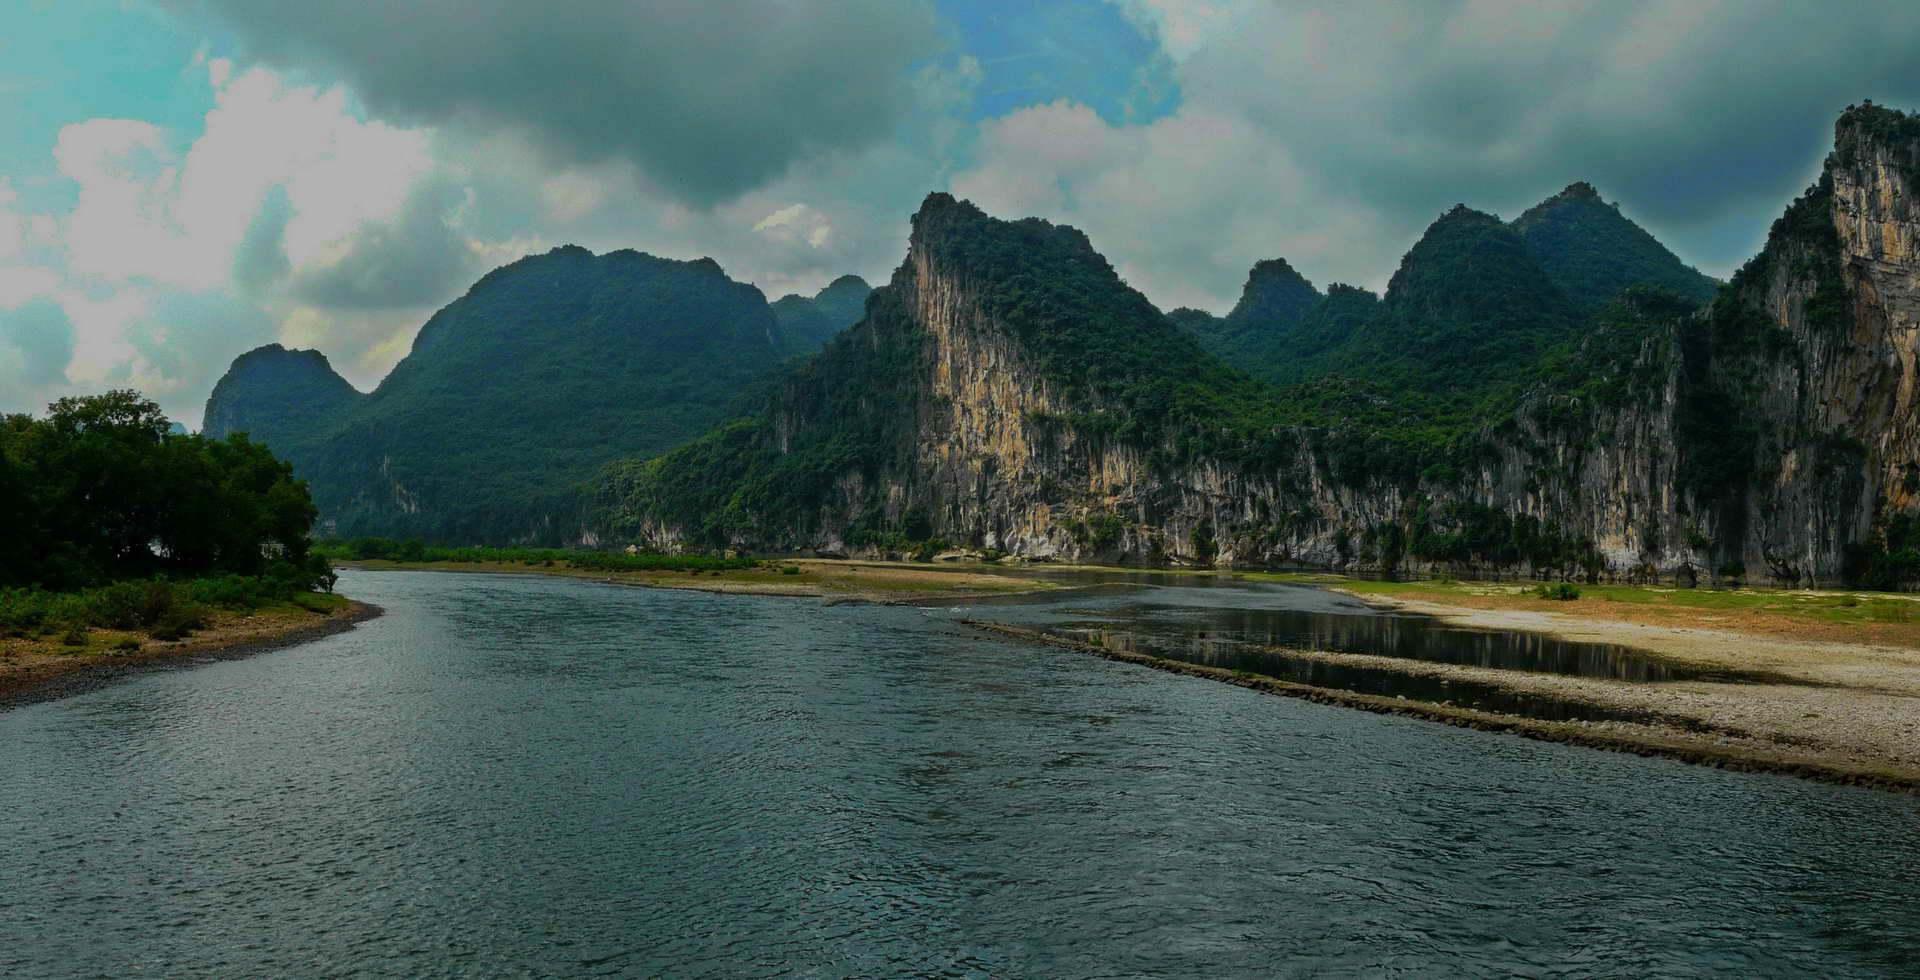 Yangshuo mountain retreat guilin Yangshuo China Yulong River bamboo rafting